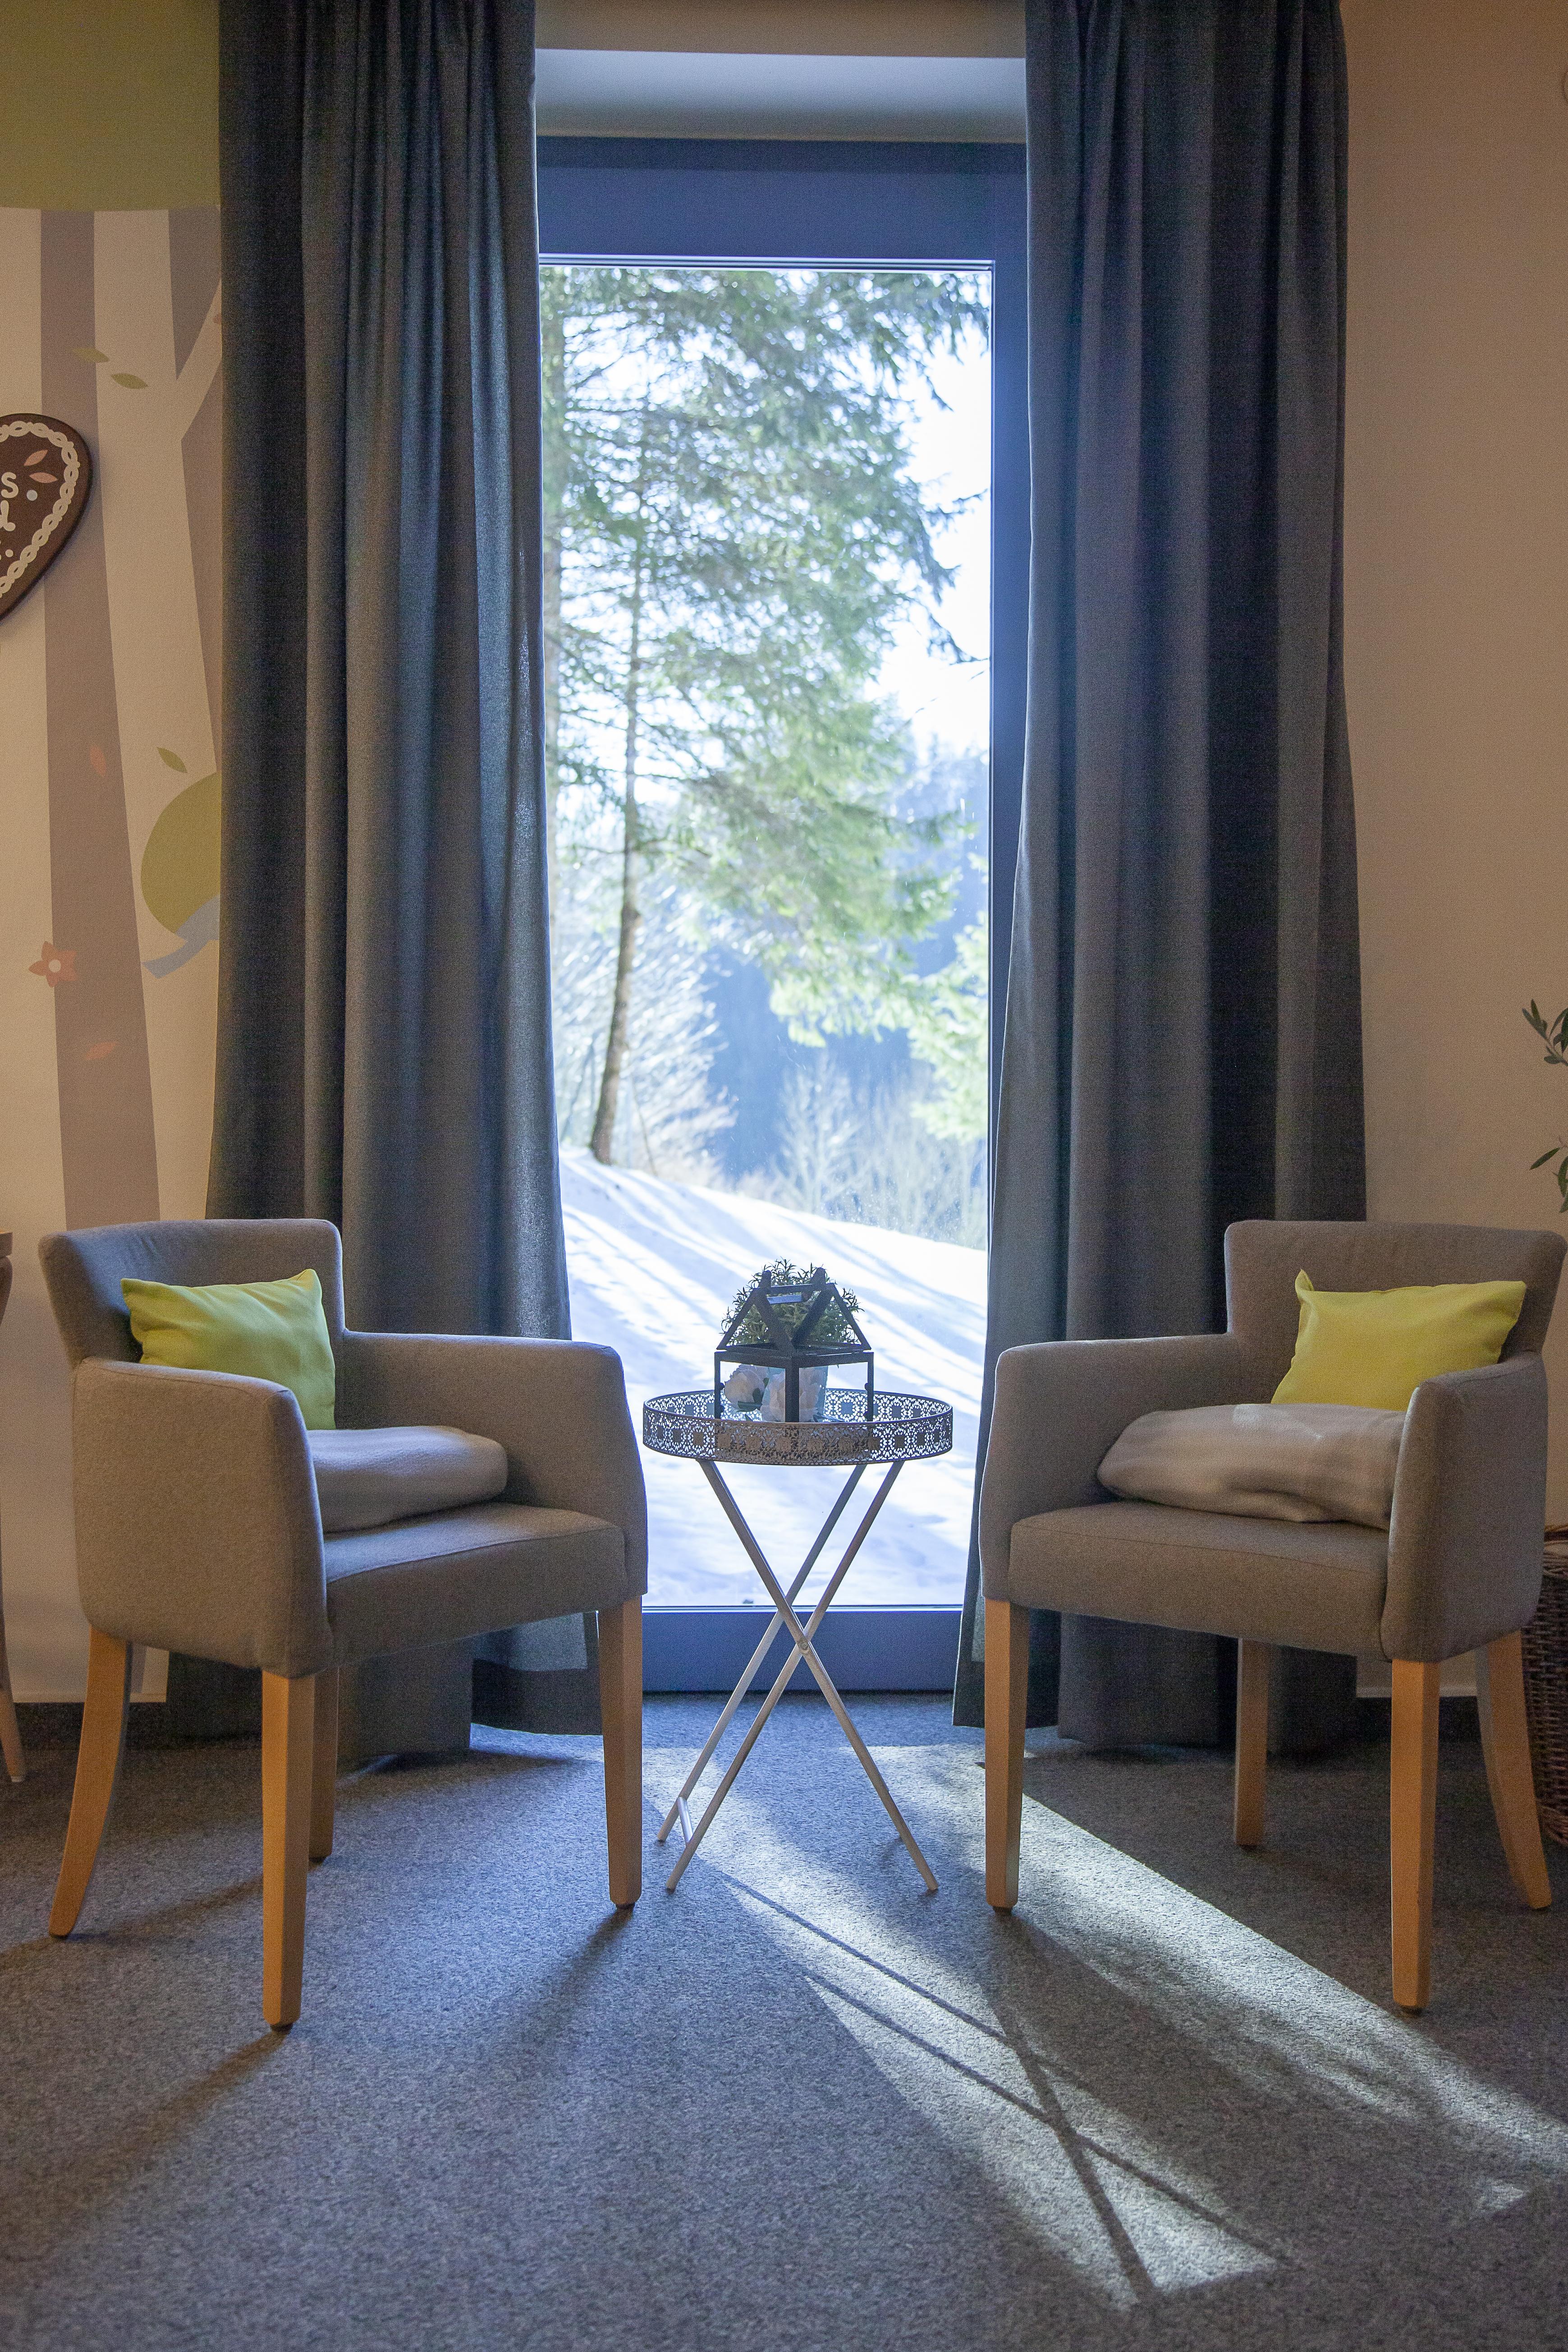 Sie sehen einen Fensterplatz im Café des JUFA Hotel Mariazell – Sigmundsberg. Der Ort für erholsamen Familienurlaub und einen unvergesslichen Winter- und Wanderurlaub.